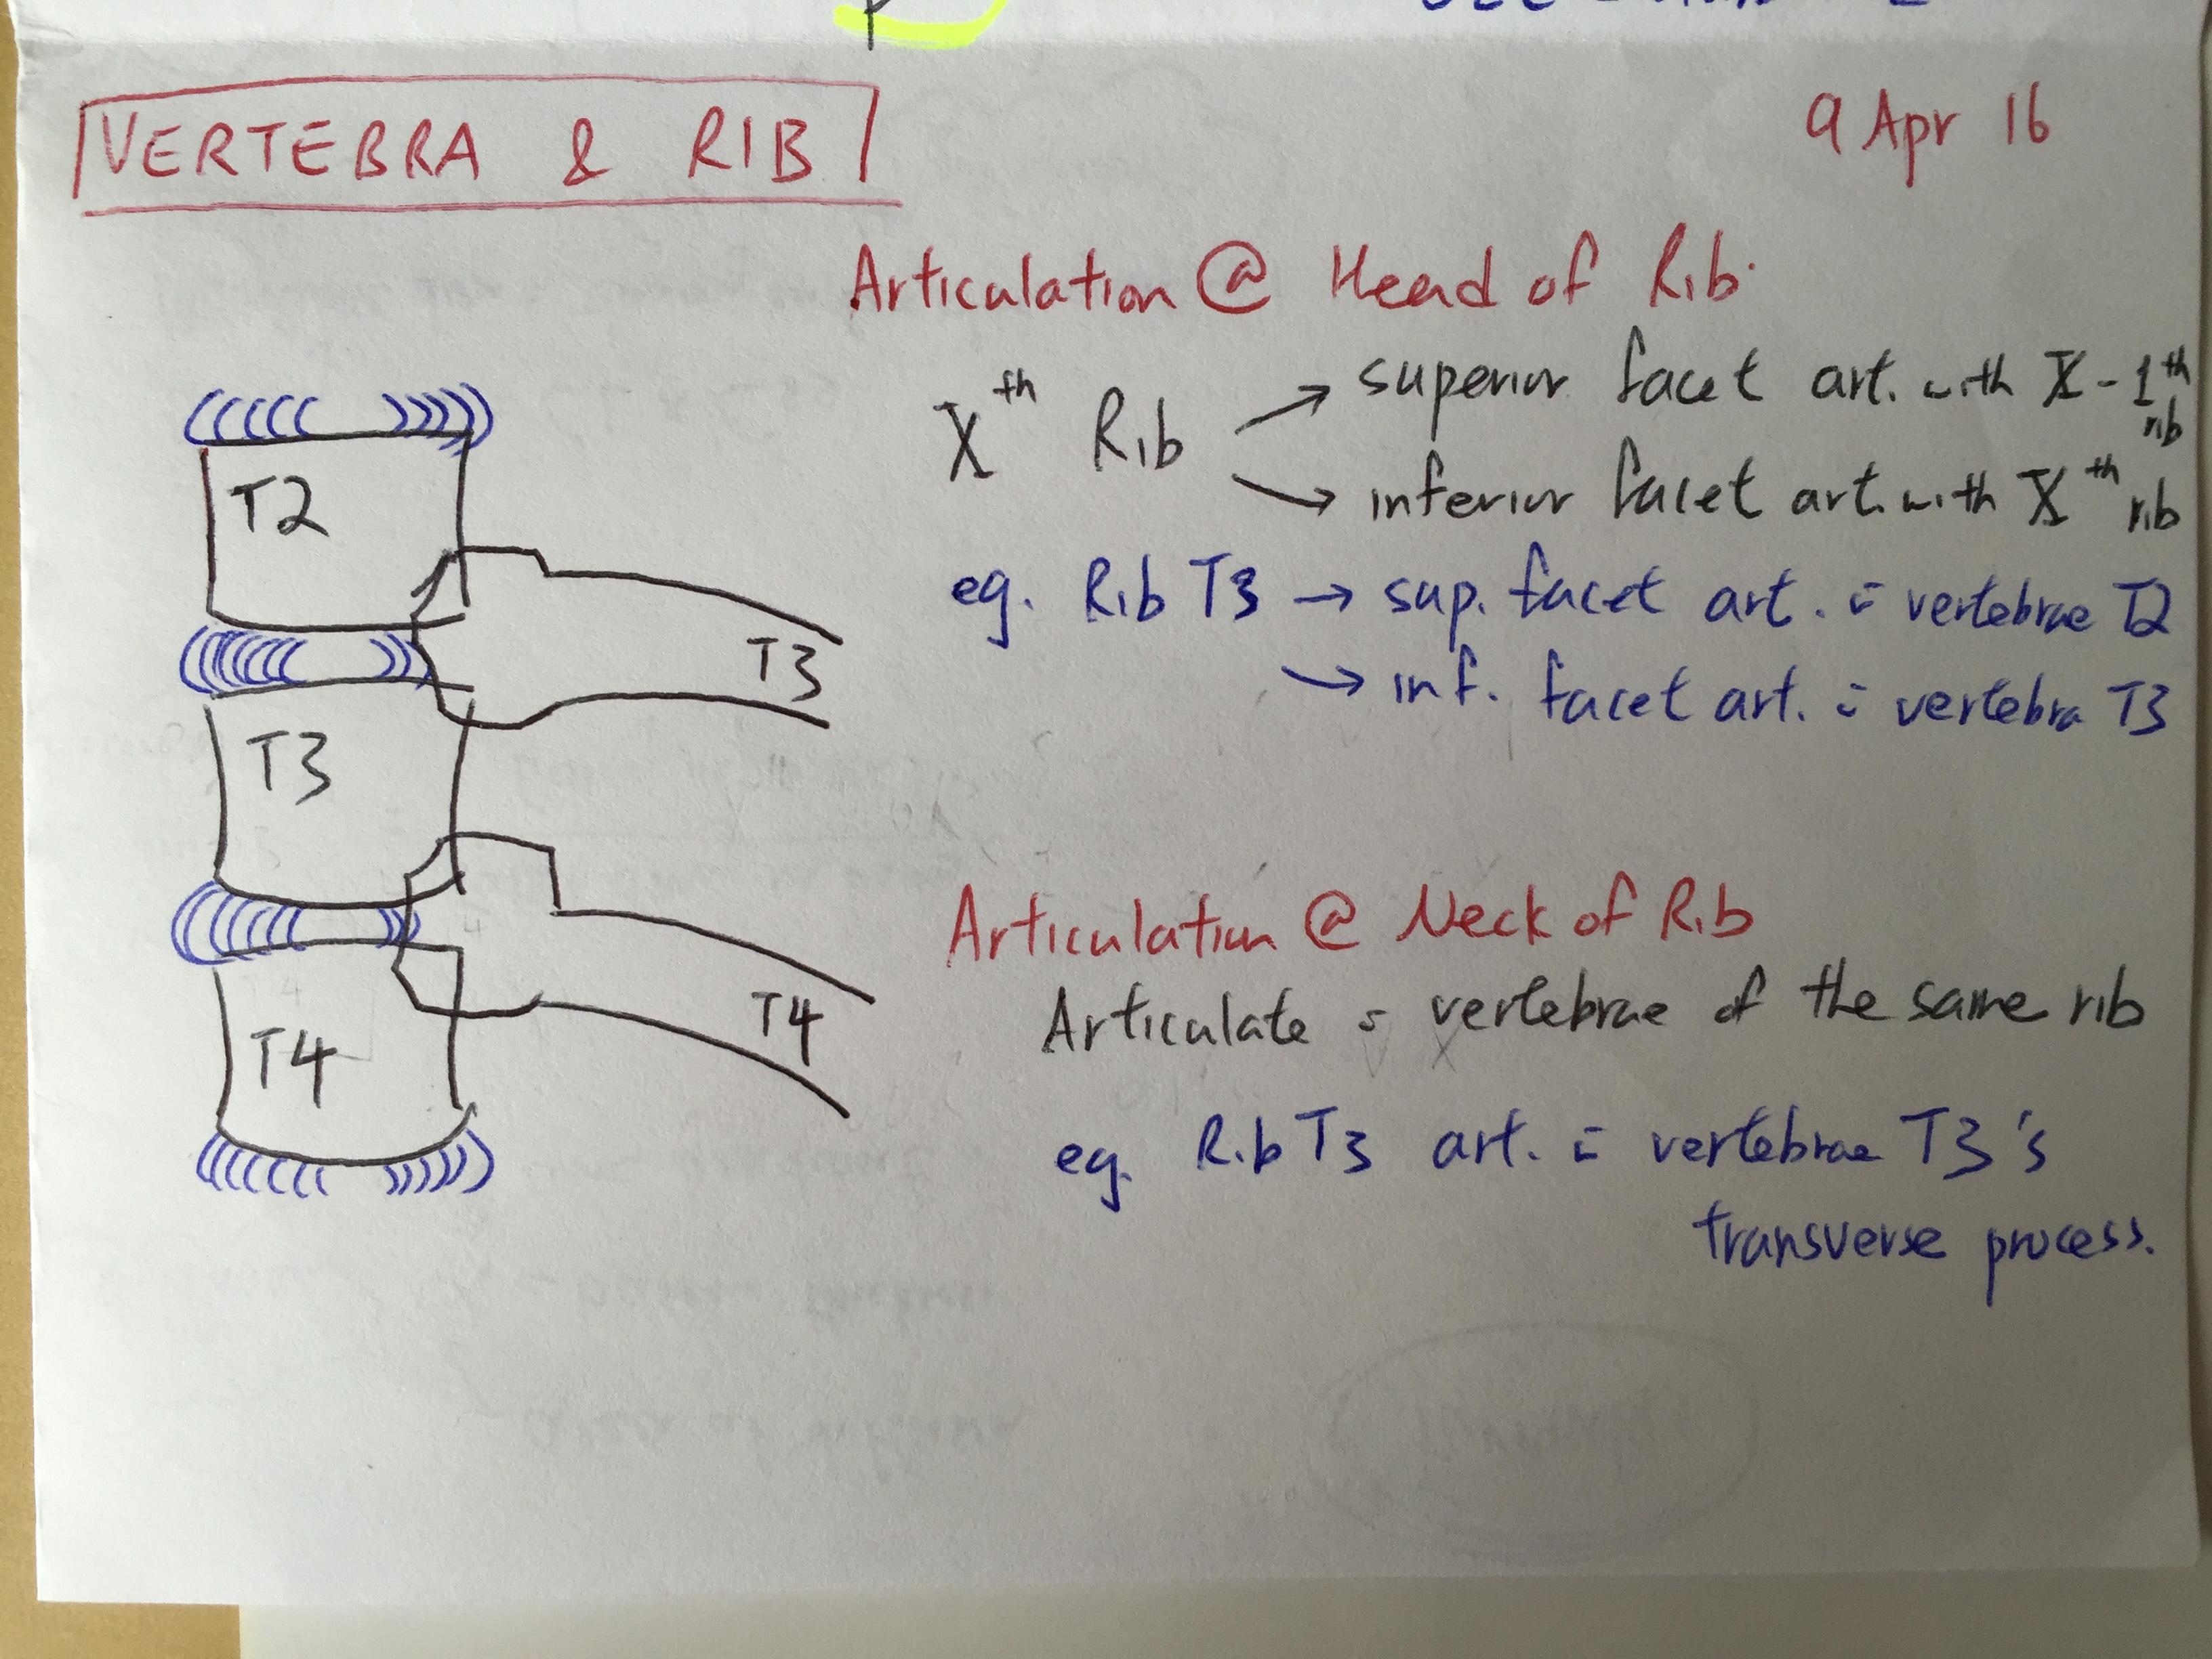 spine anatomy: vertebra and corresponding rib